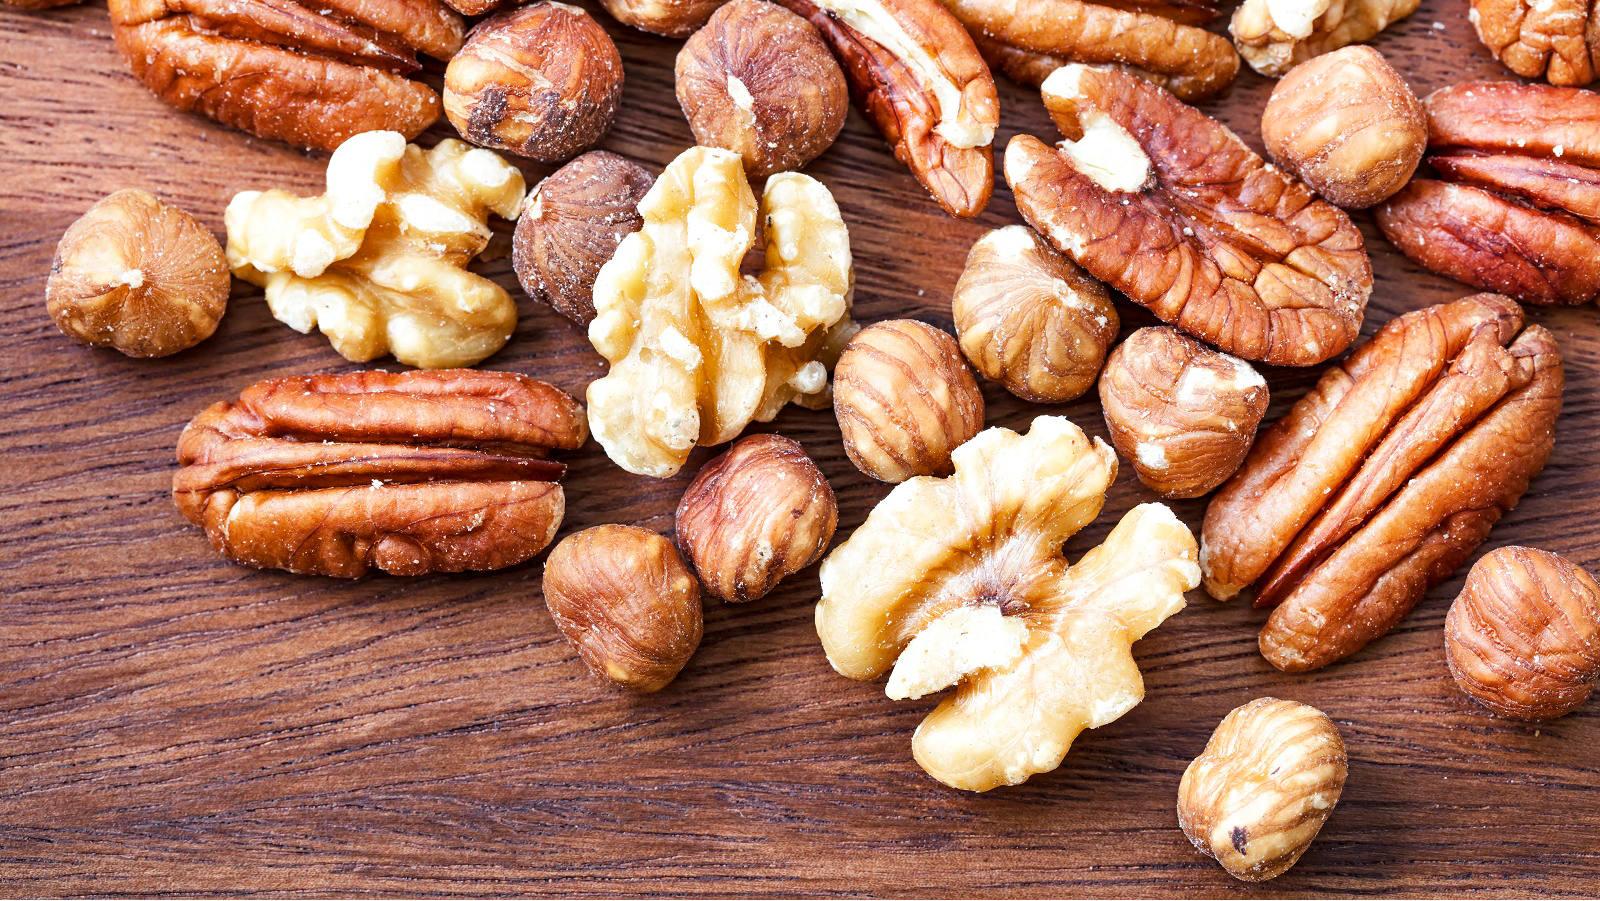 Le noci contengono acidi grassi sani e vitamine